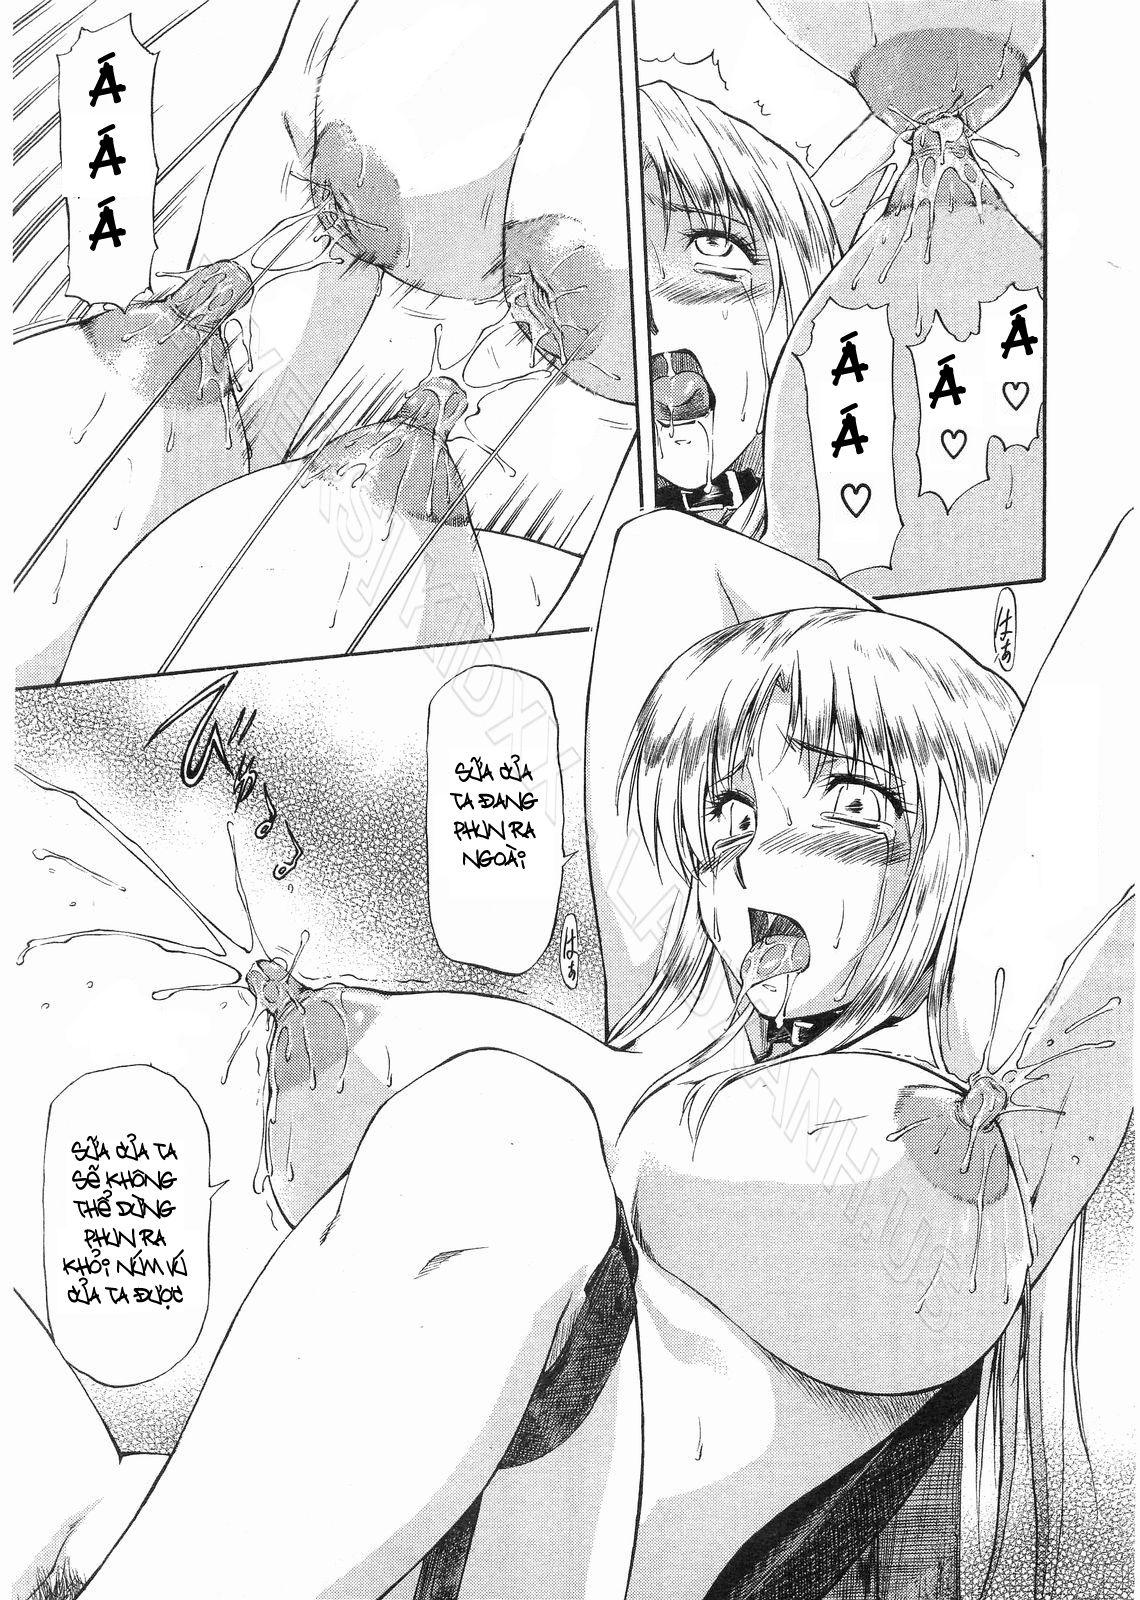 Hình ảnh Hinh_010 in Truyện tranh hentai không che: Parabellum